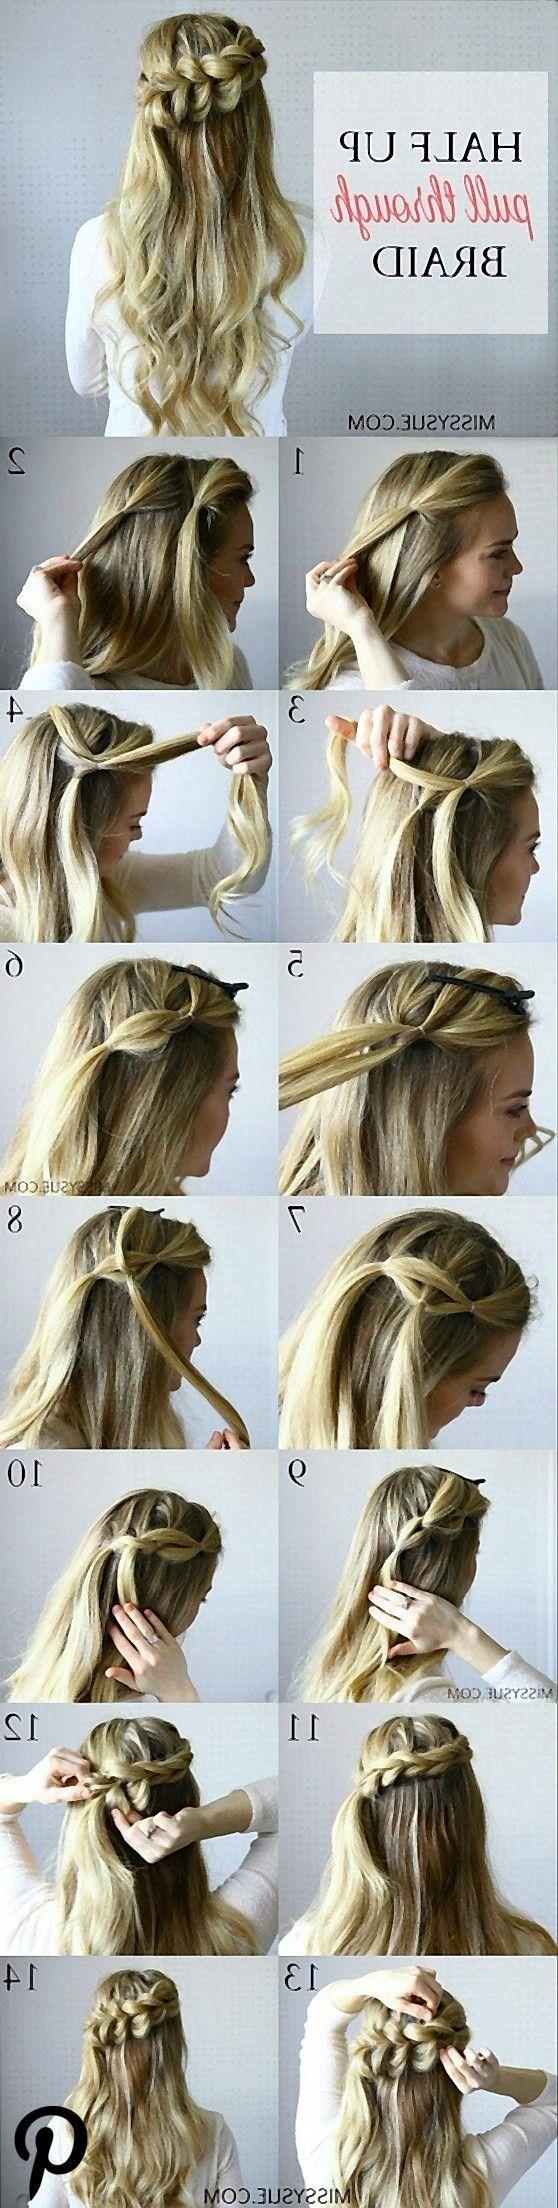 Hair Tutorials  Pull through braid Hair Tutorials  Pull through braid